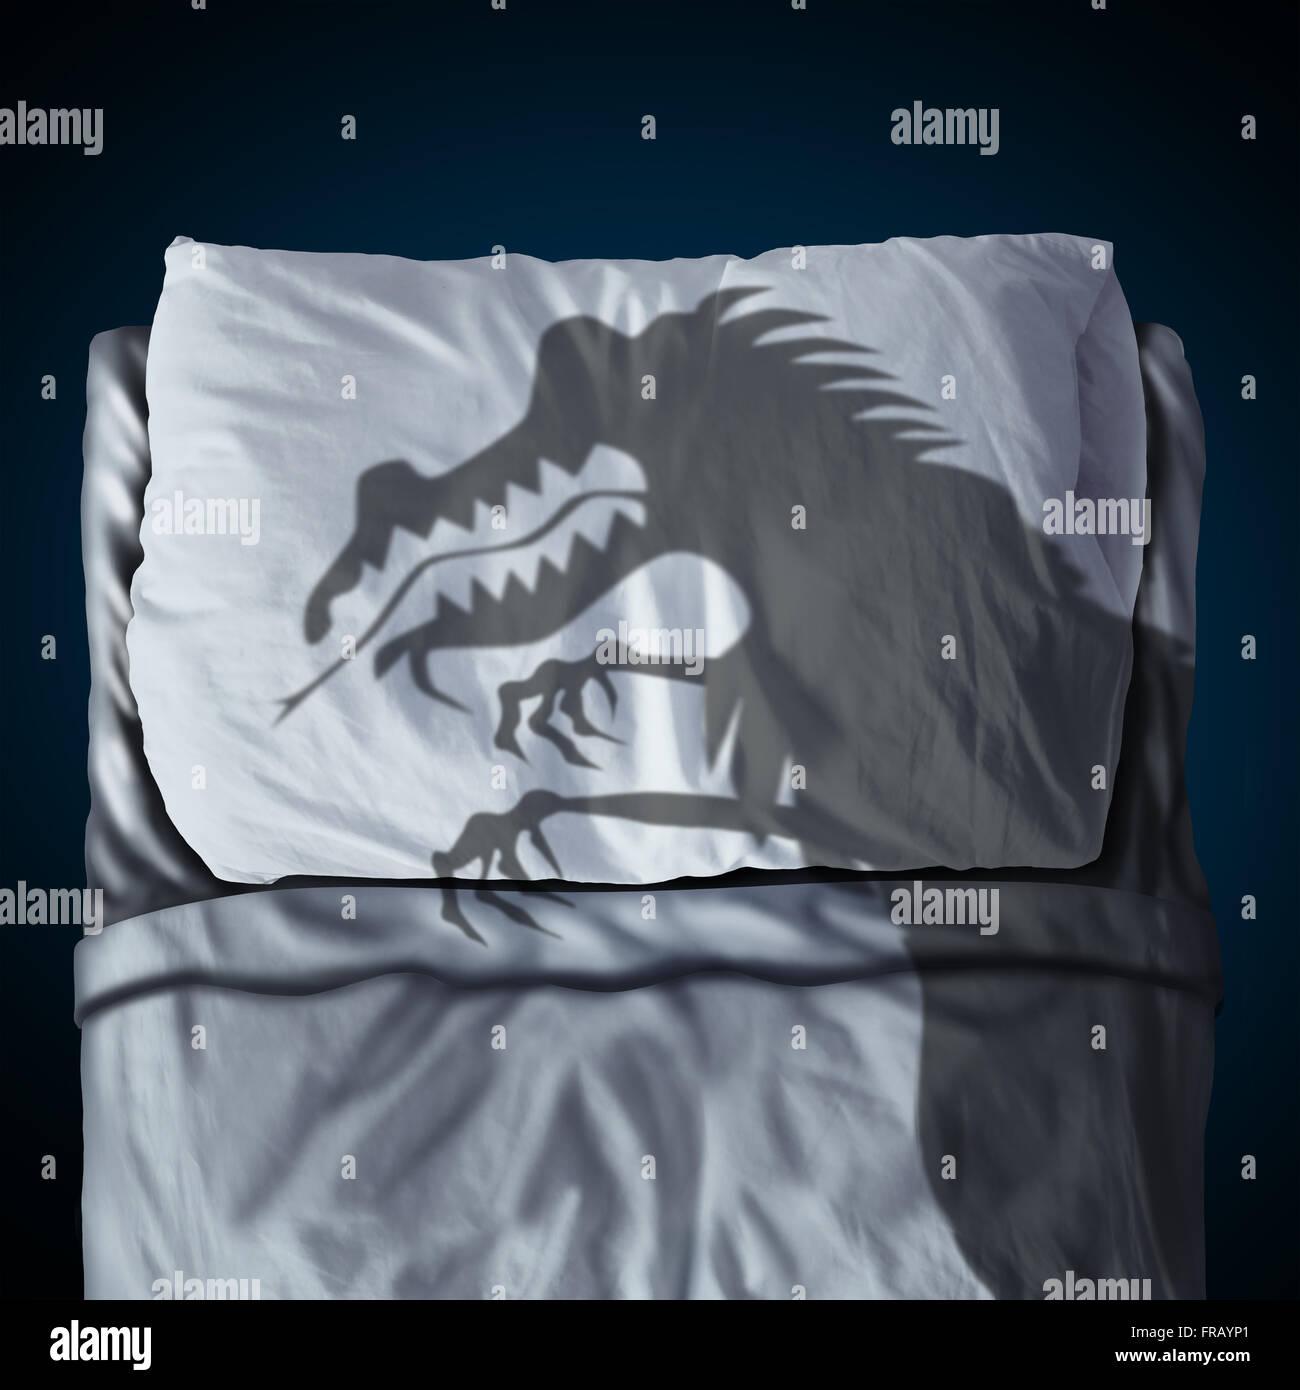 Alptraum und Nacht des Grauens-Traum-Konzept als ein Schlagschatten eine gruselige Monster auf einem Bett mit einem Stockbild